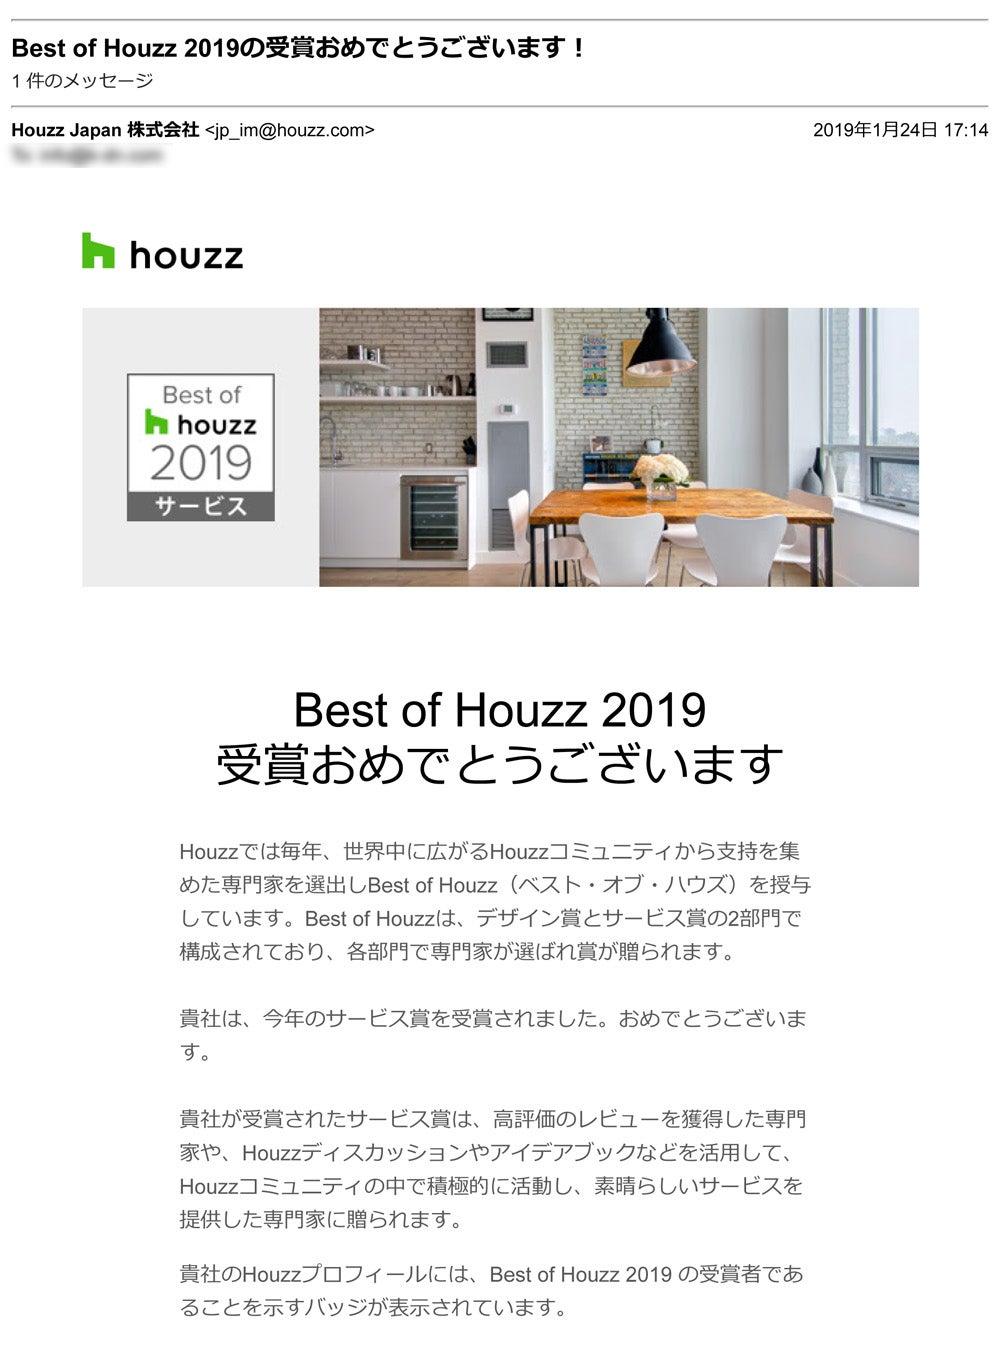 フロートテレビボードのプロジェクトがBest of Houzz 2019を受賞しました